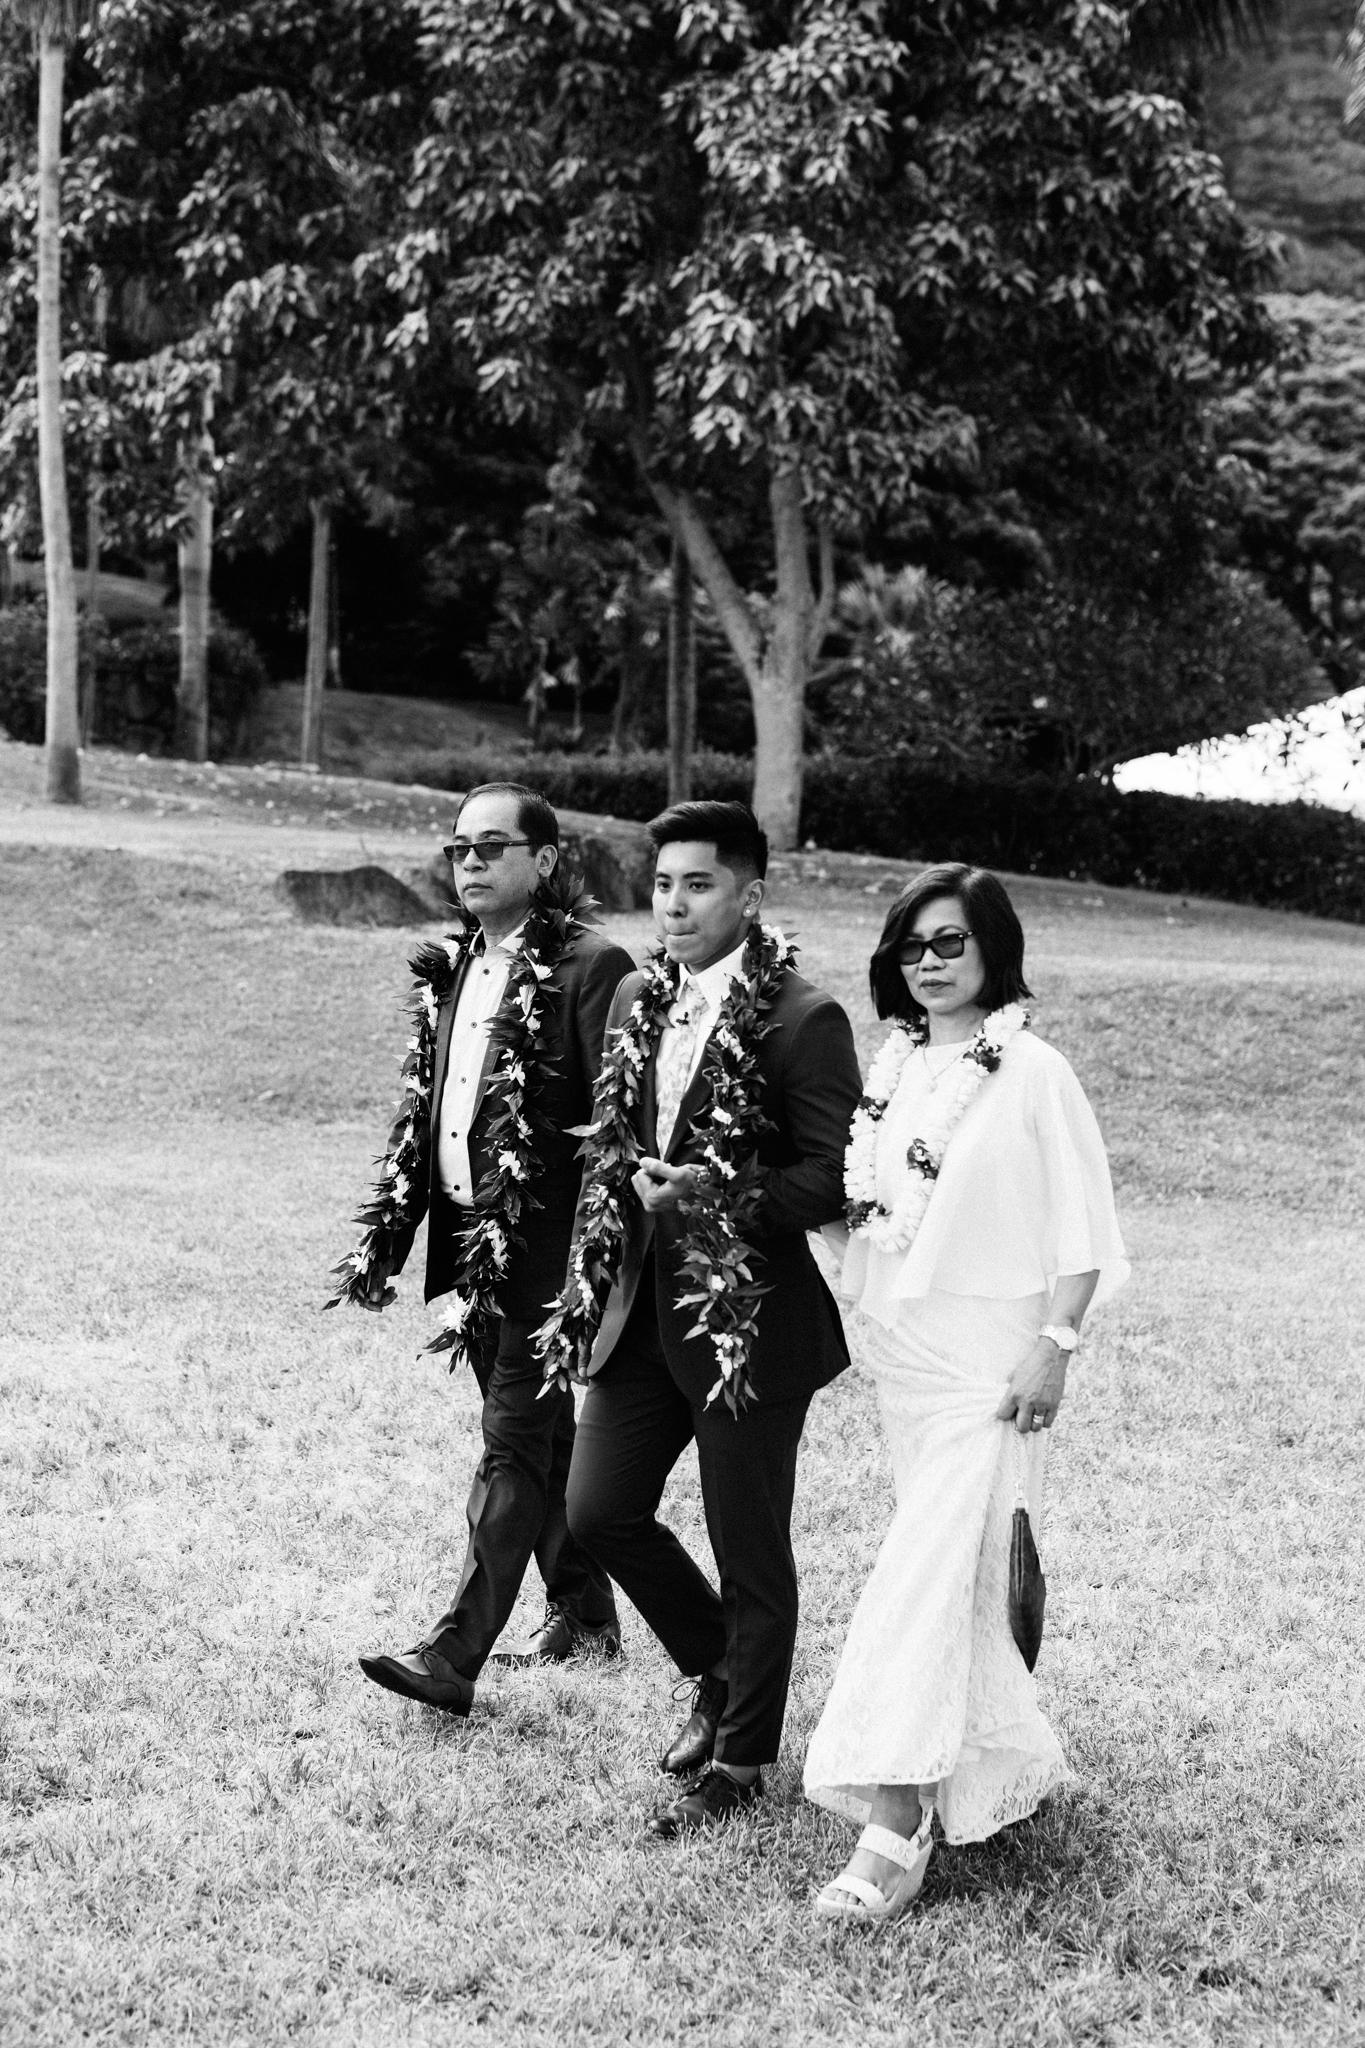 kualoa_ranch_wedding_photography_tone_hawaii-48.jpg